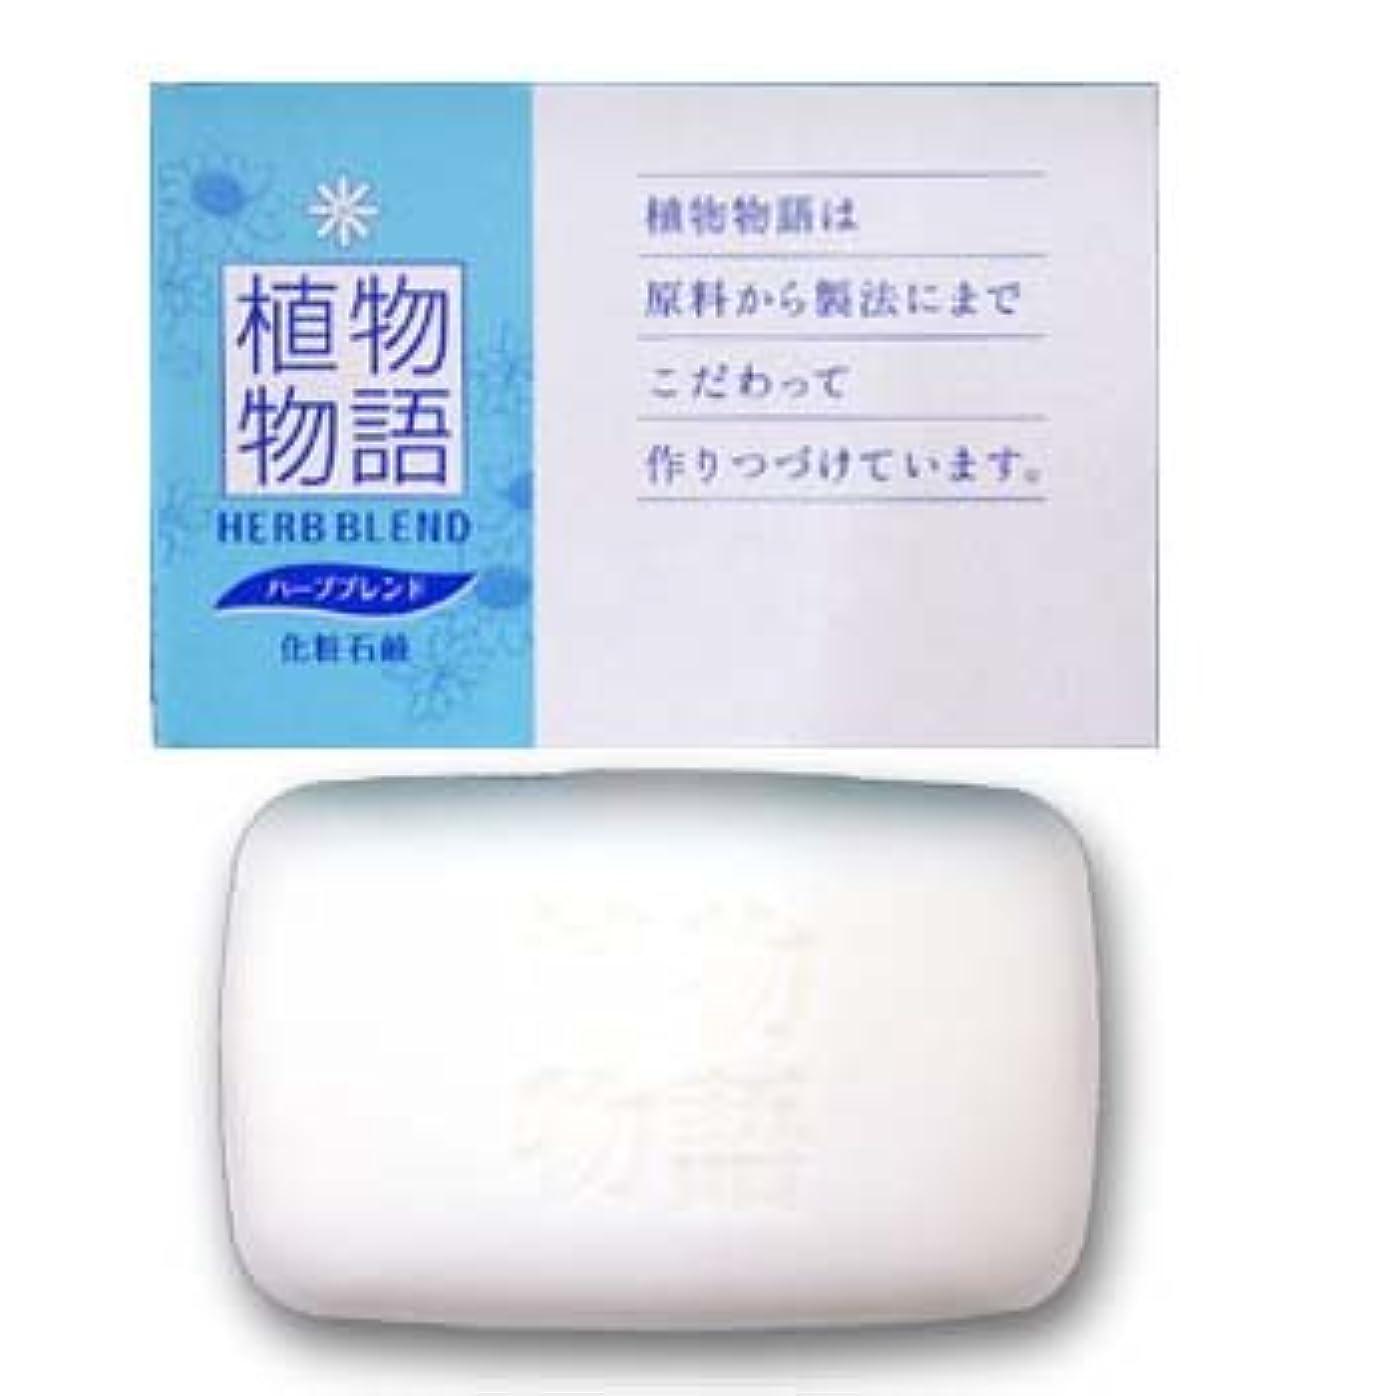 委託ホラー狂うLION 植物物語石鹸80g化粧箱入(1セット100個入)